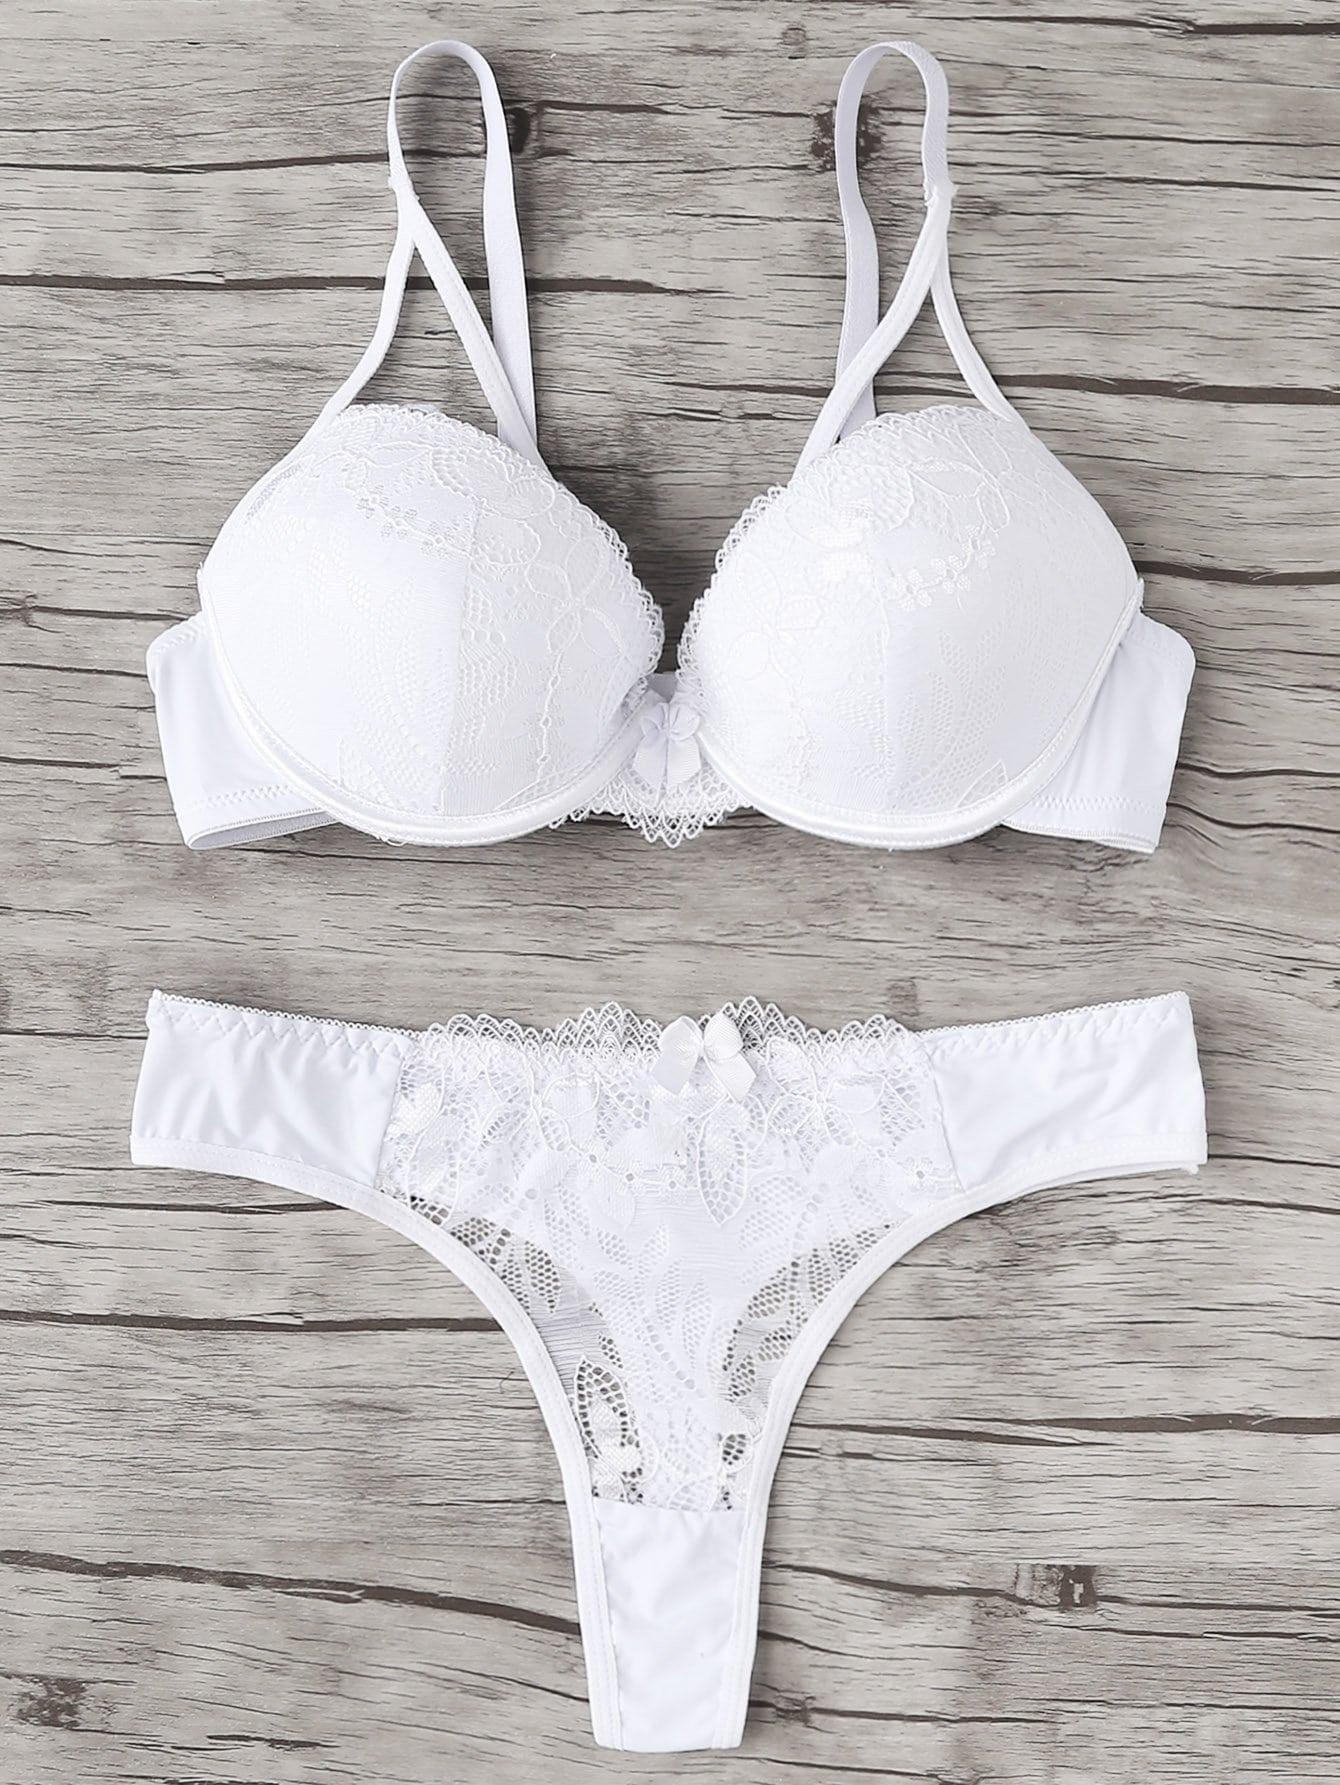 Lace Insert Lingerie Set lace insert cut out strappy lingerie set